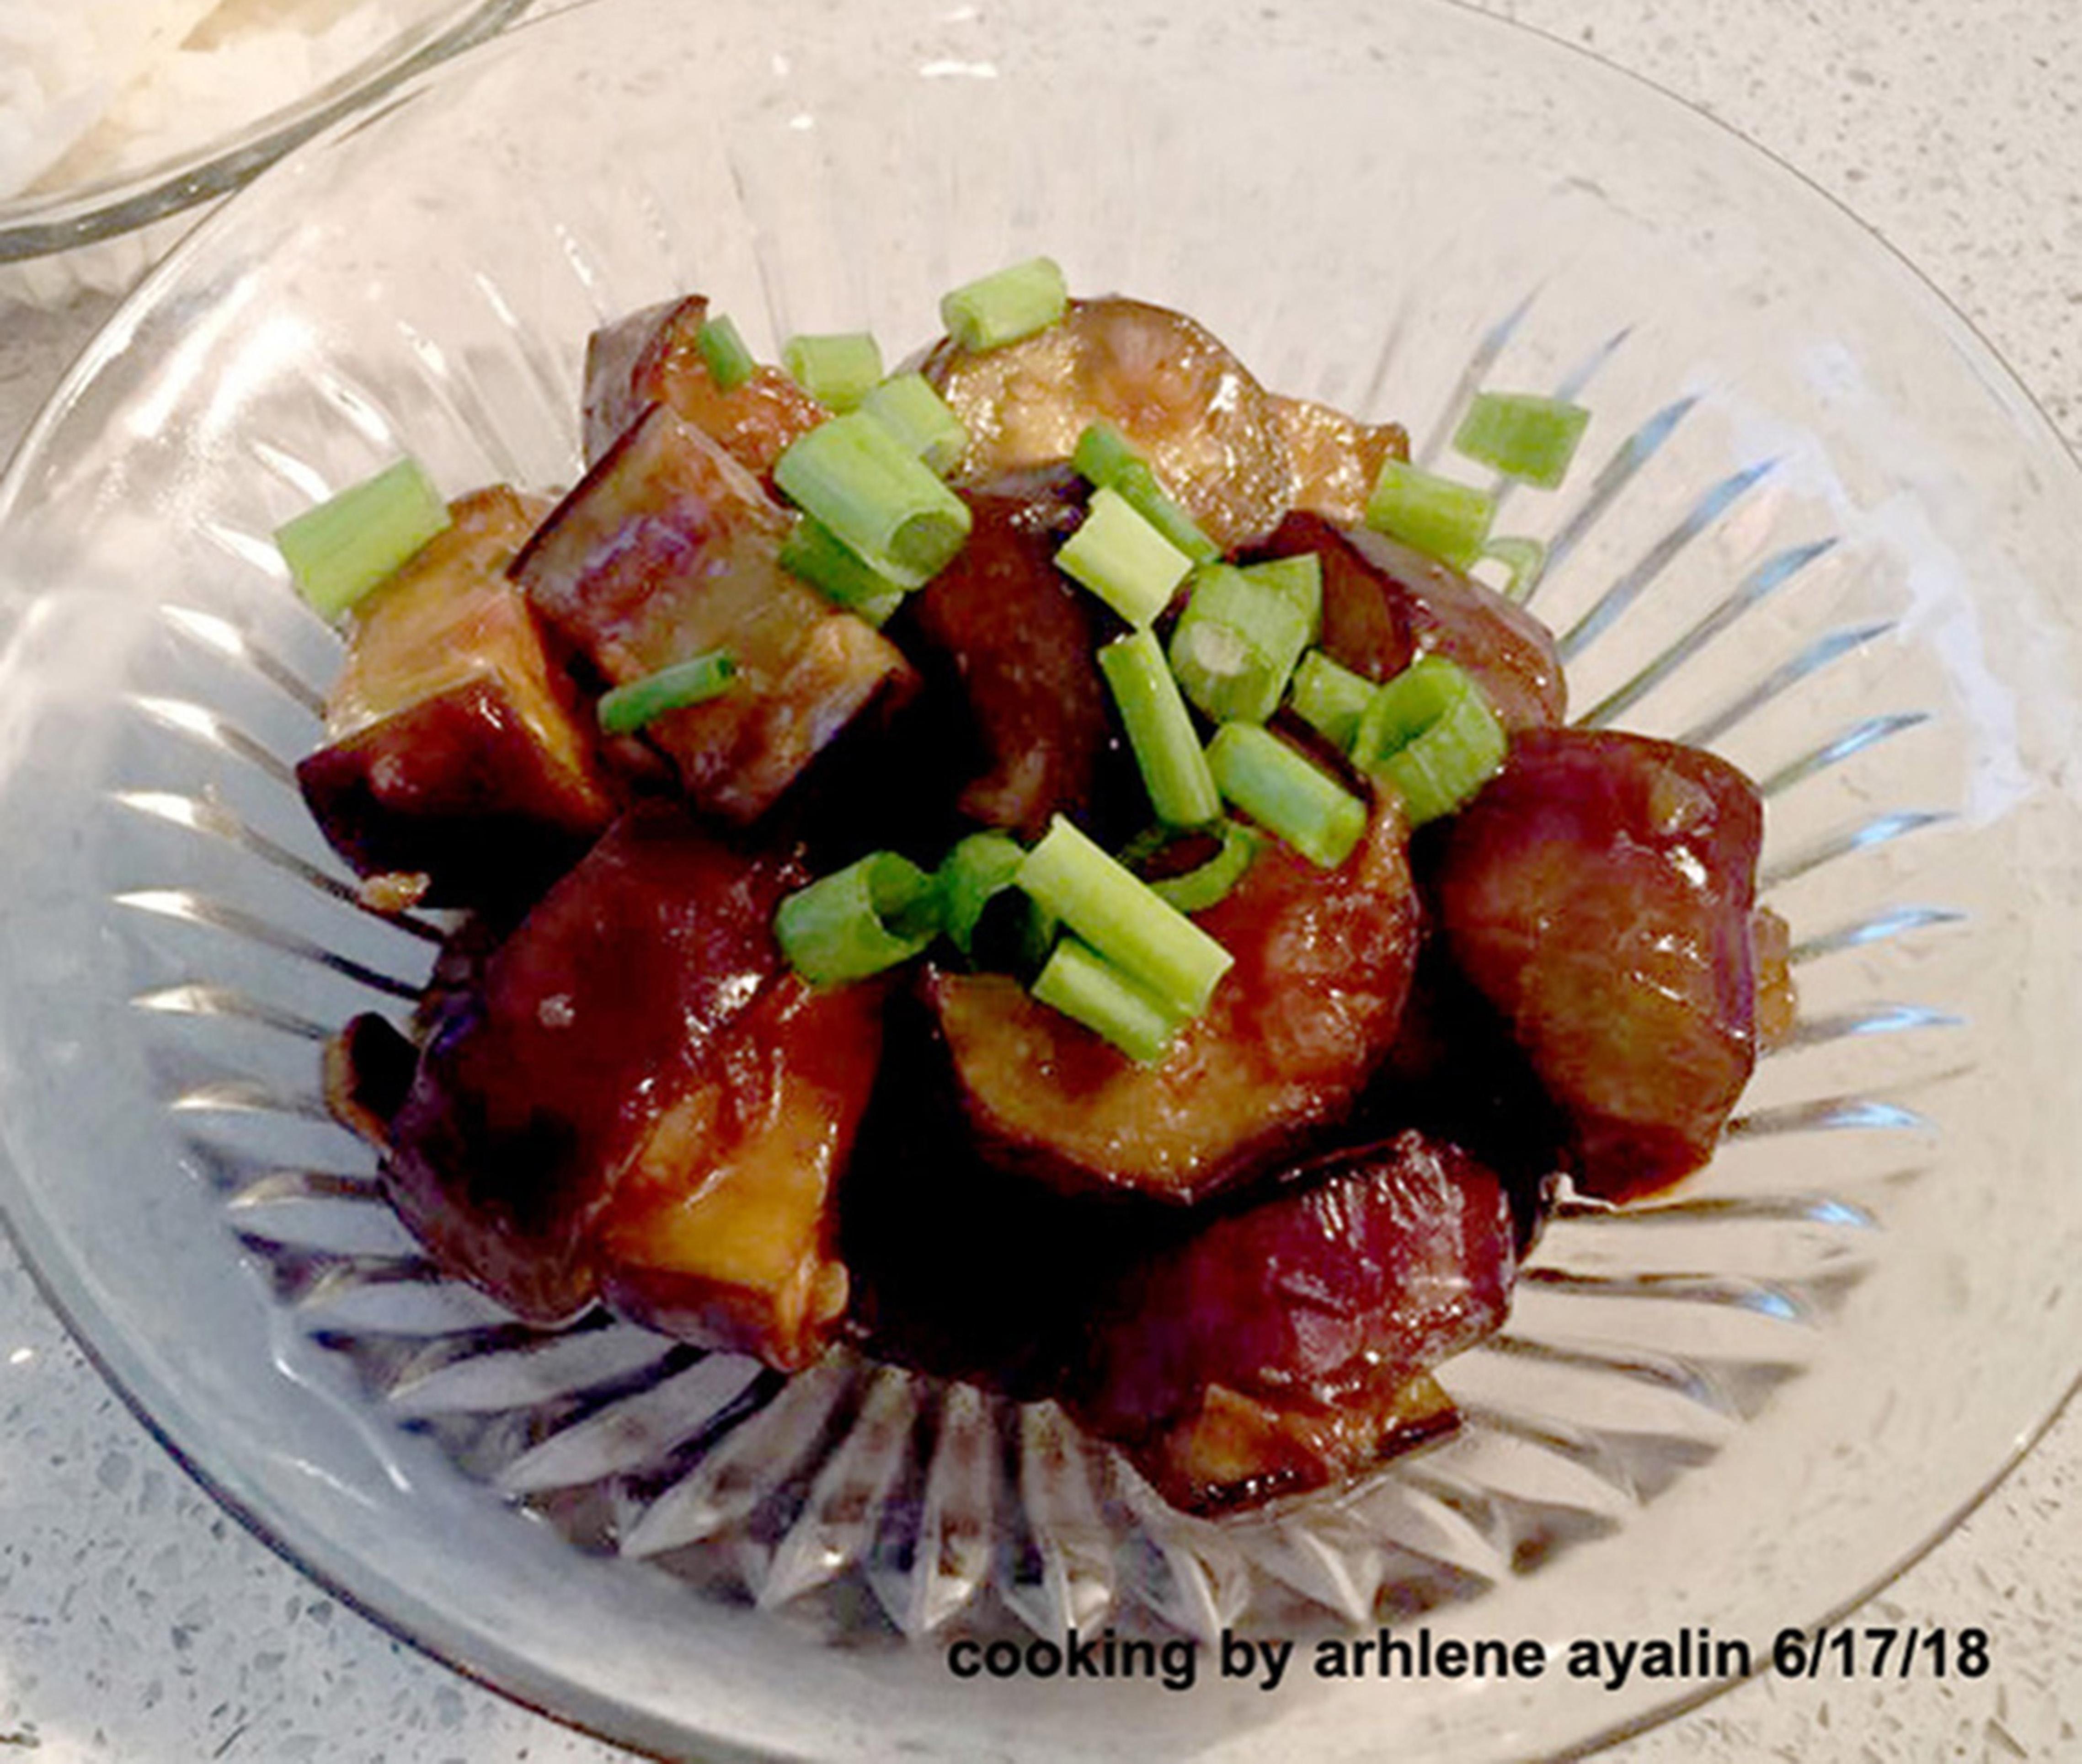 Eggplant with Garlic Sauce LadyArhlene